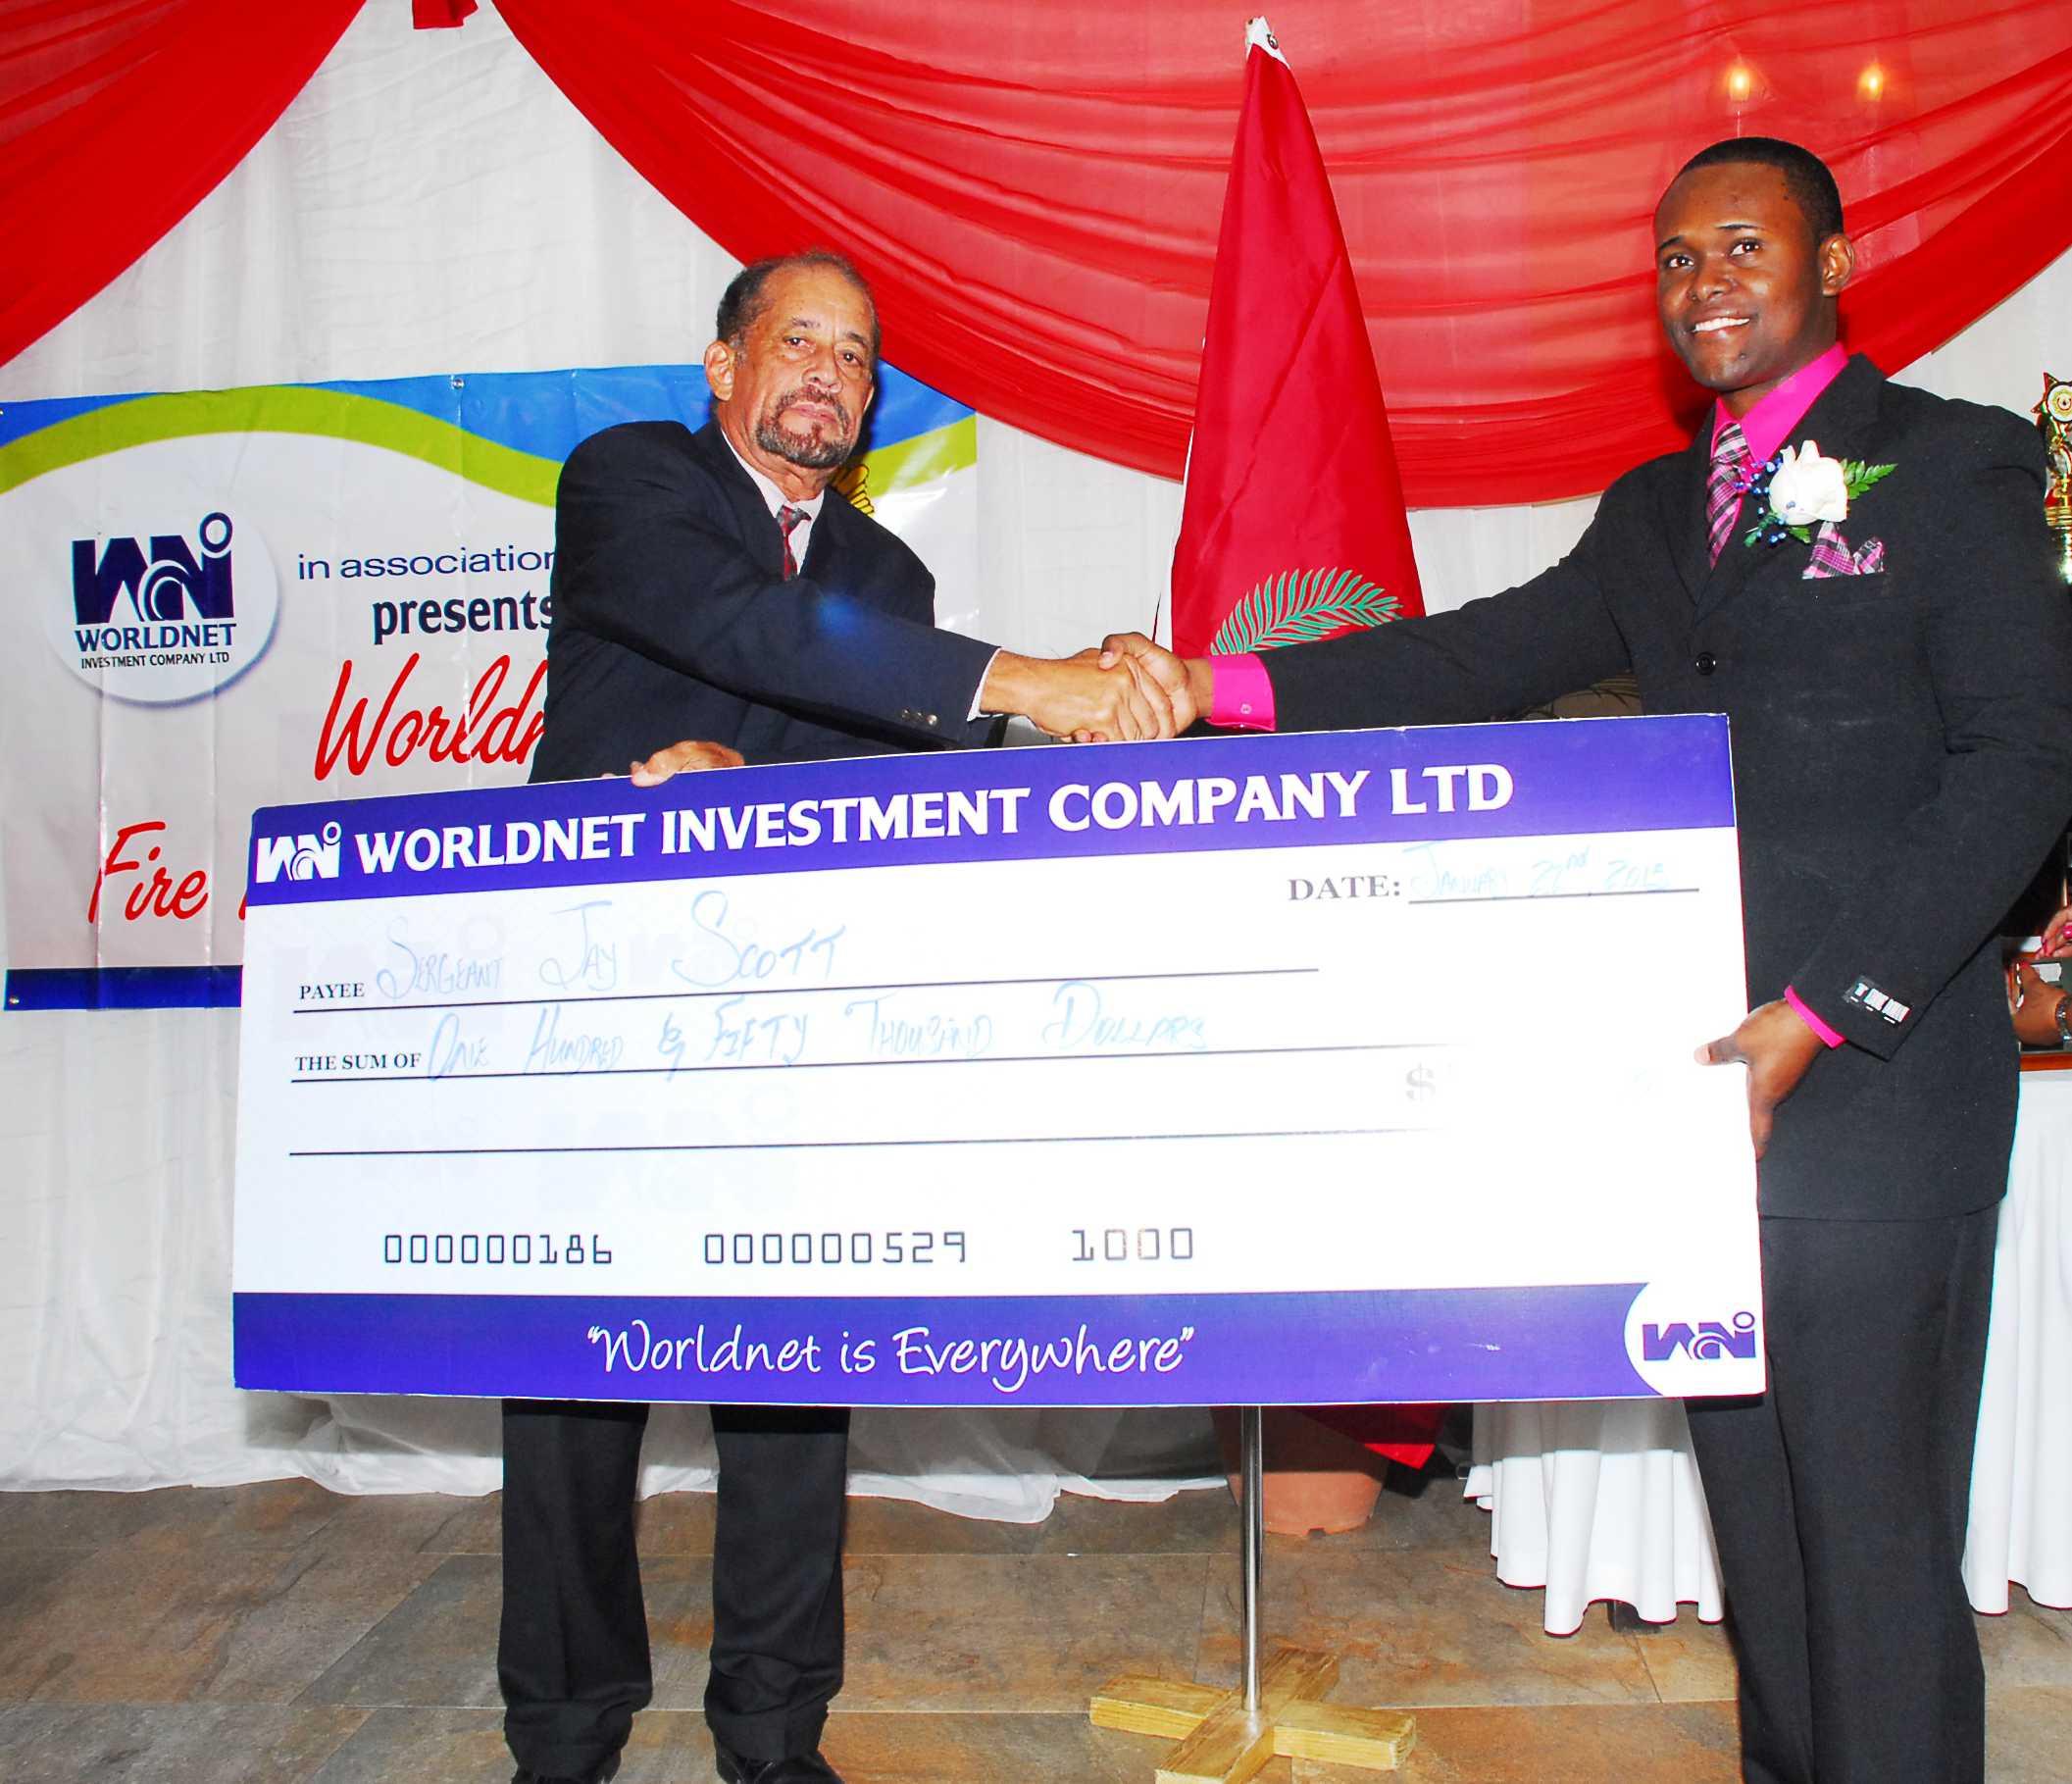 WorldNet Investment seminar